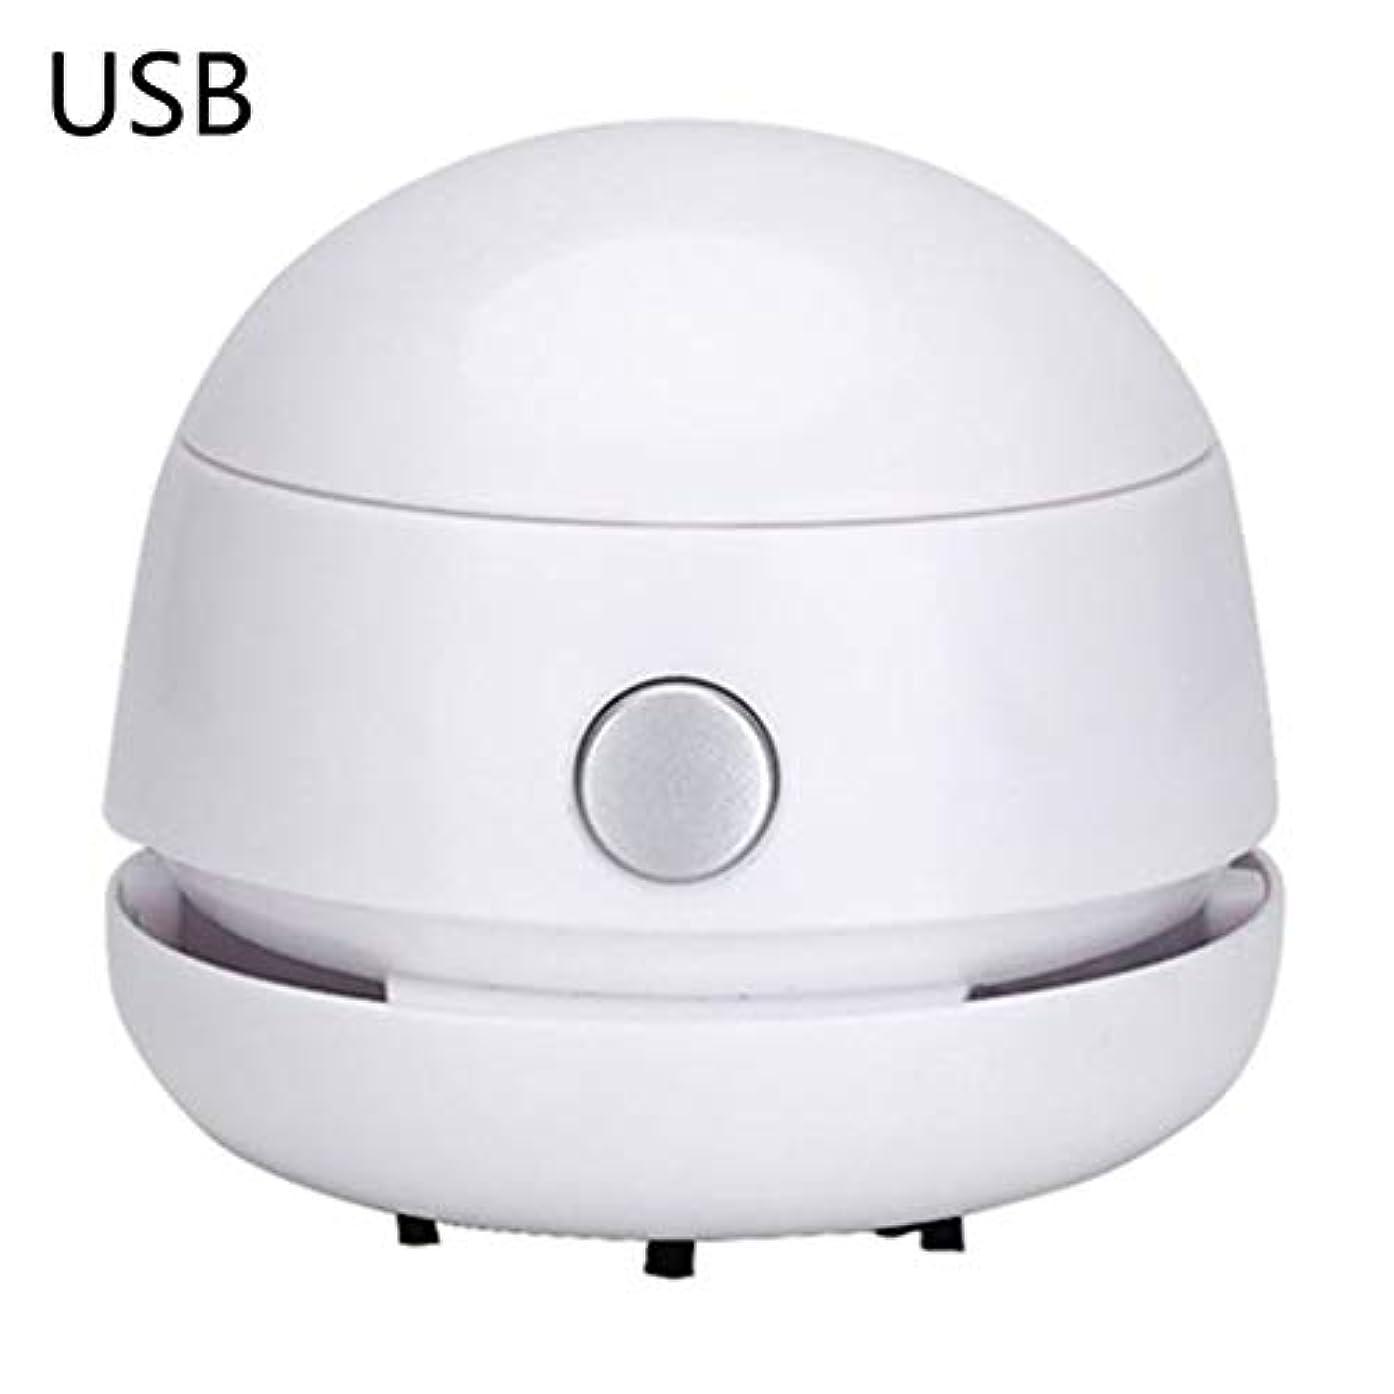 留め金国オーナーミニポータブルネイル集塵機デスクトップ充電式ネイルアート掃除機マニキュアツール,白